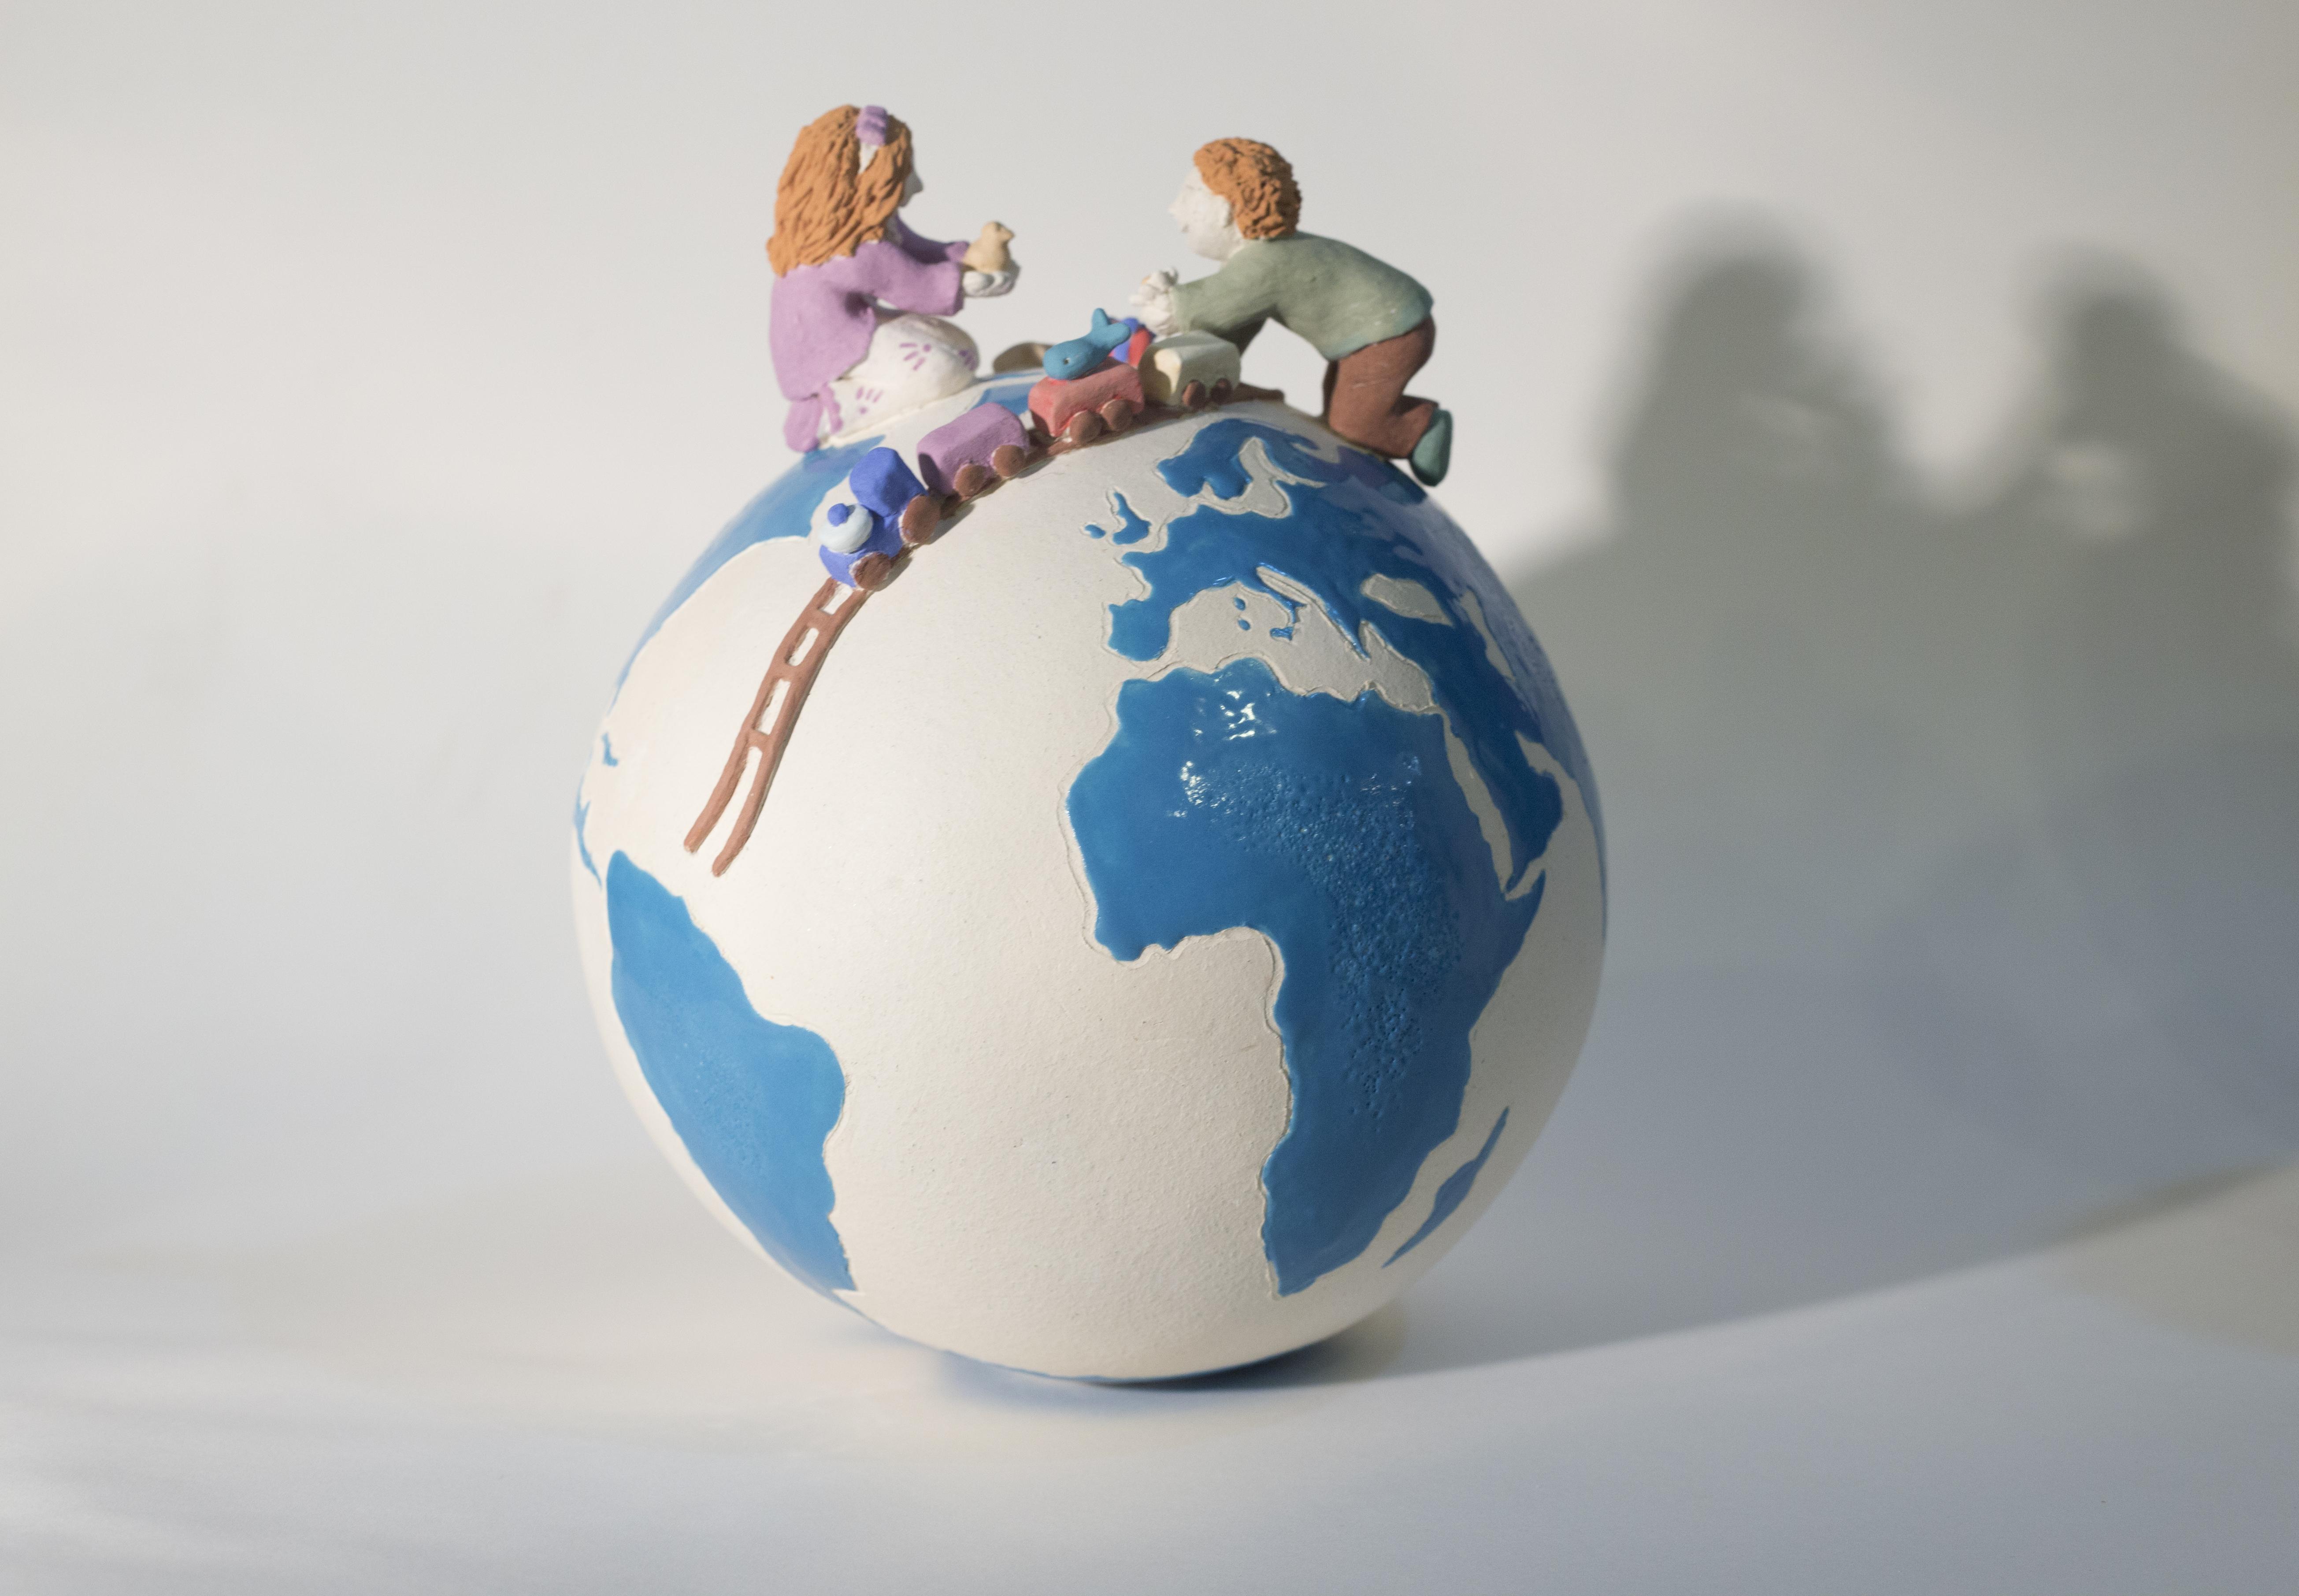 Giochiamo sul mondo.